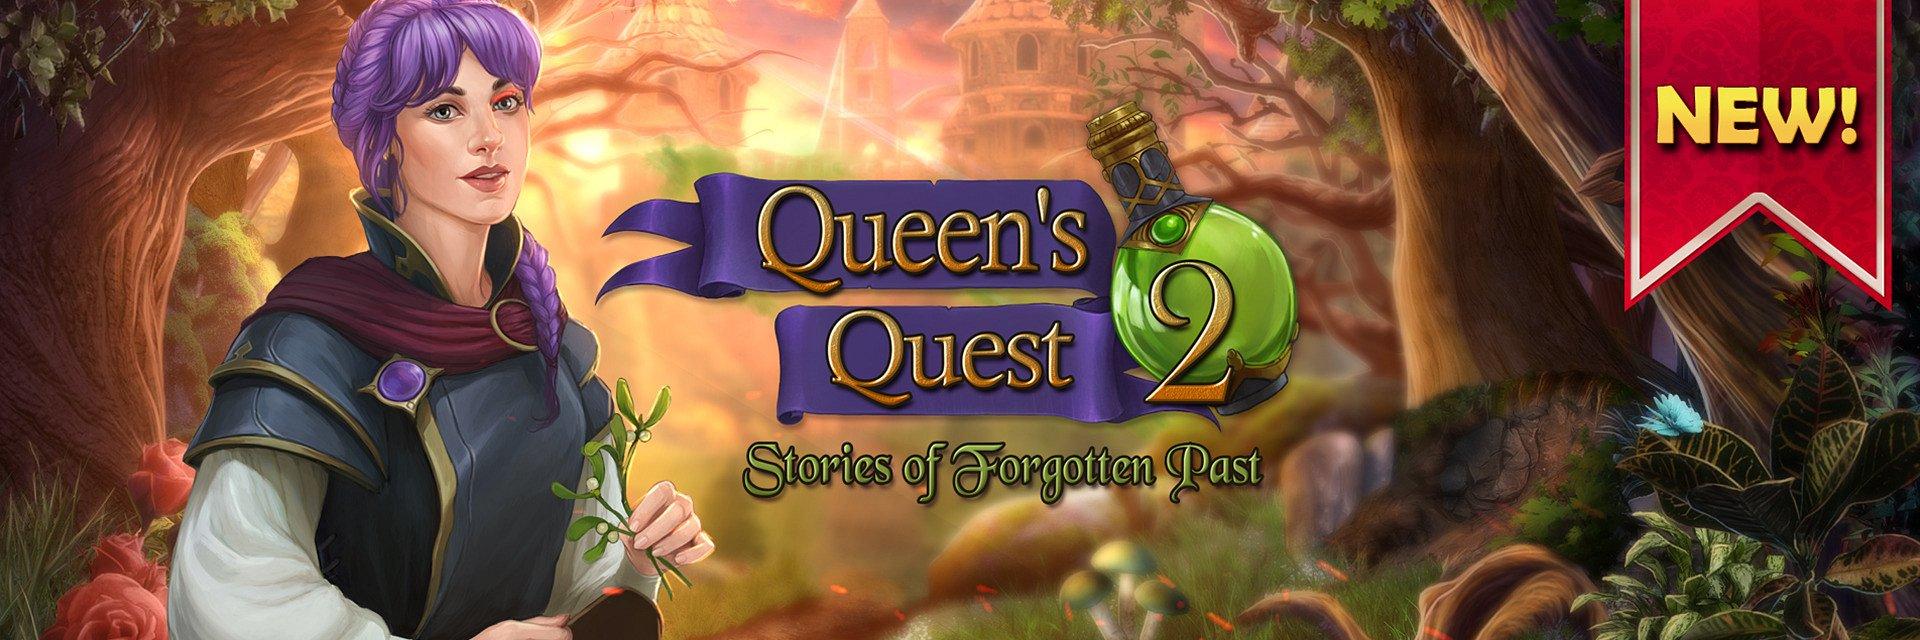 Queen's Quest 2 debiutuje na konsolach!